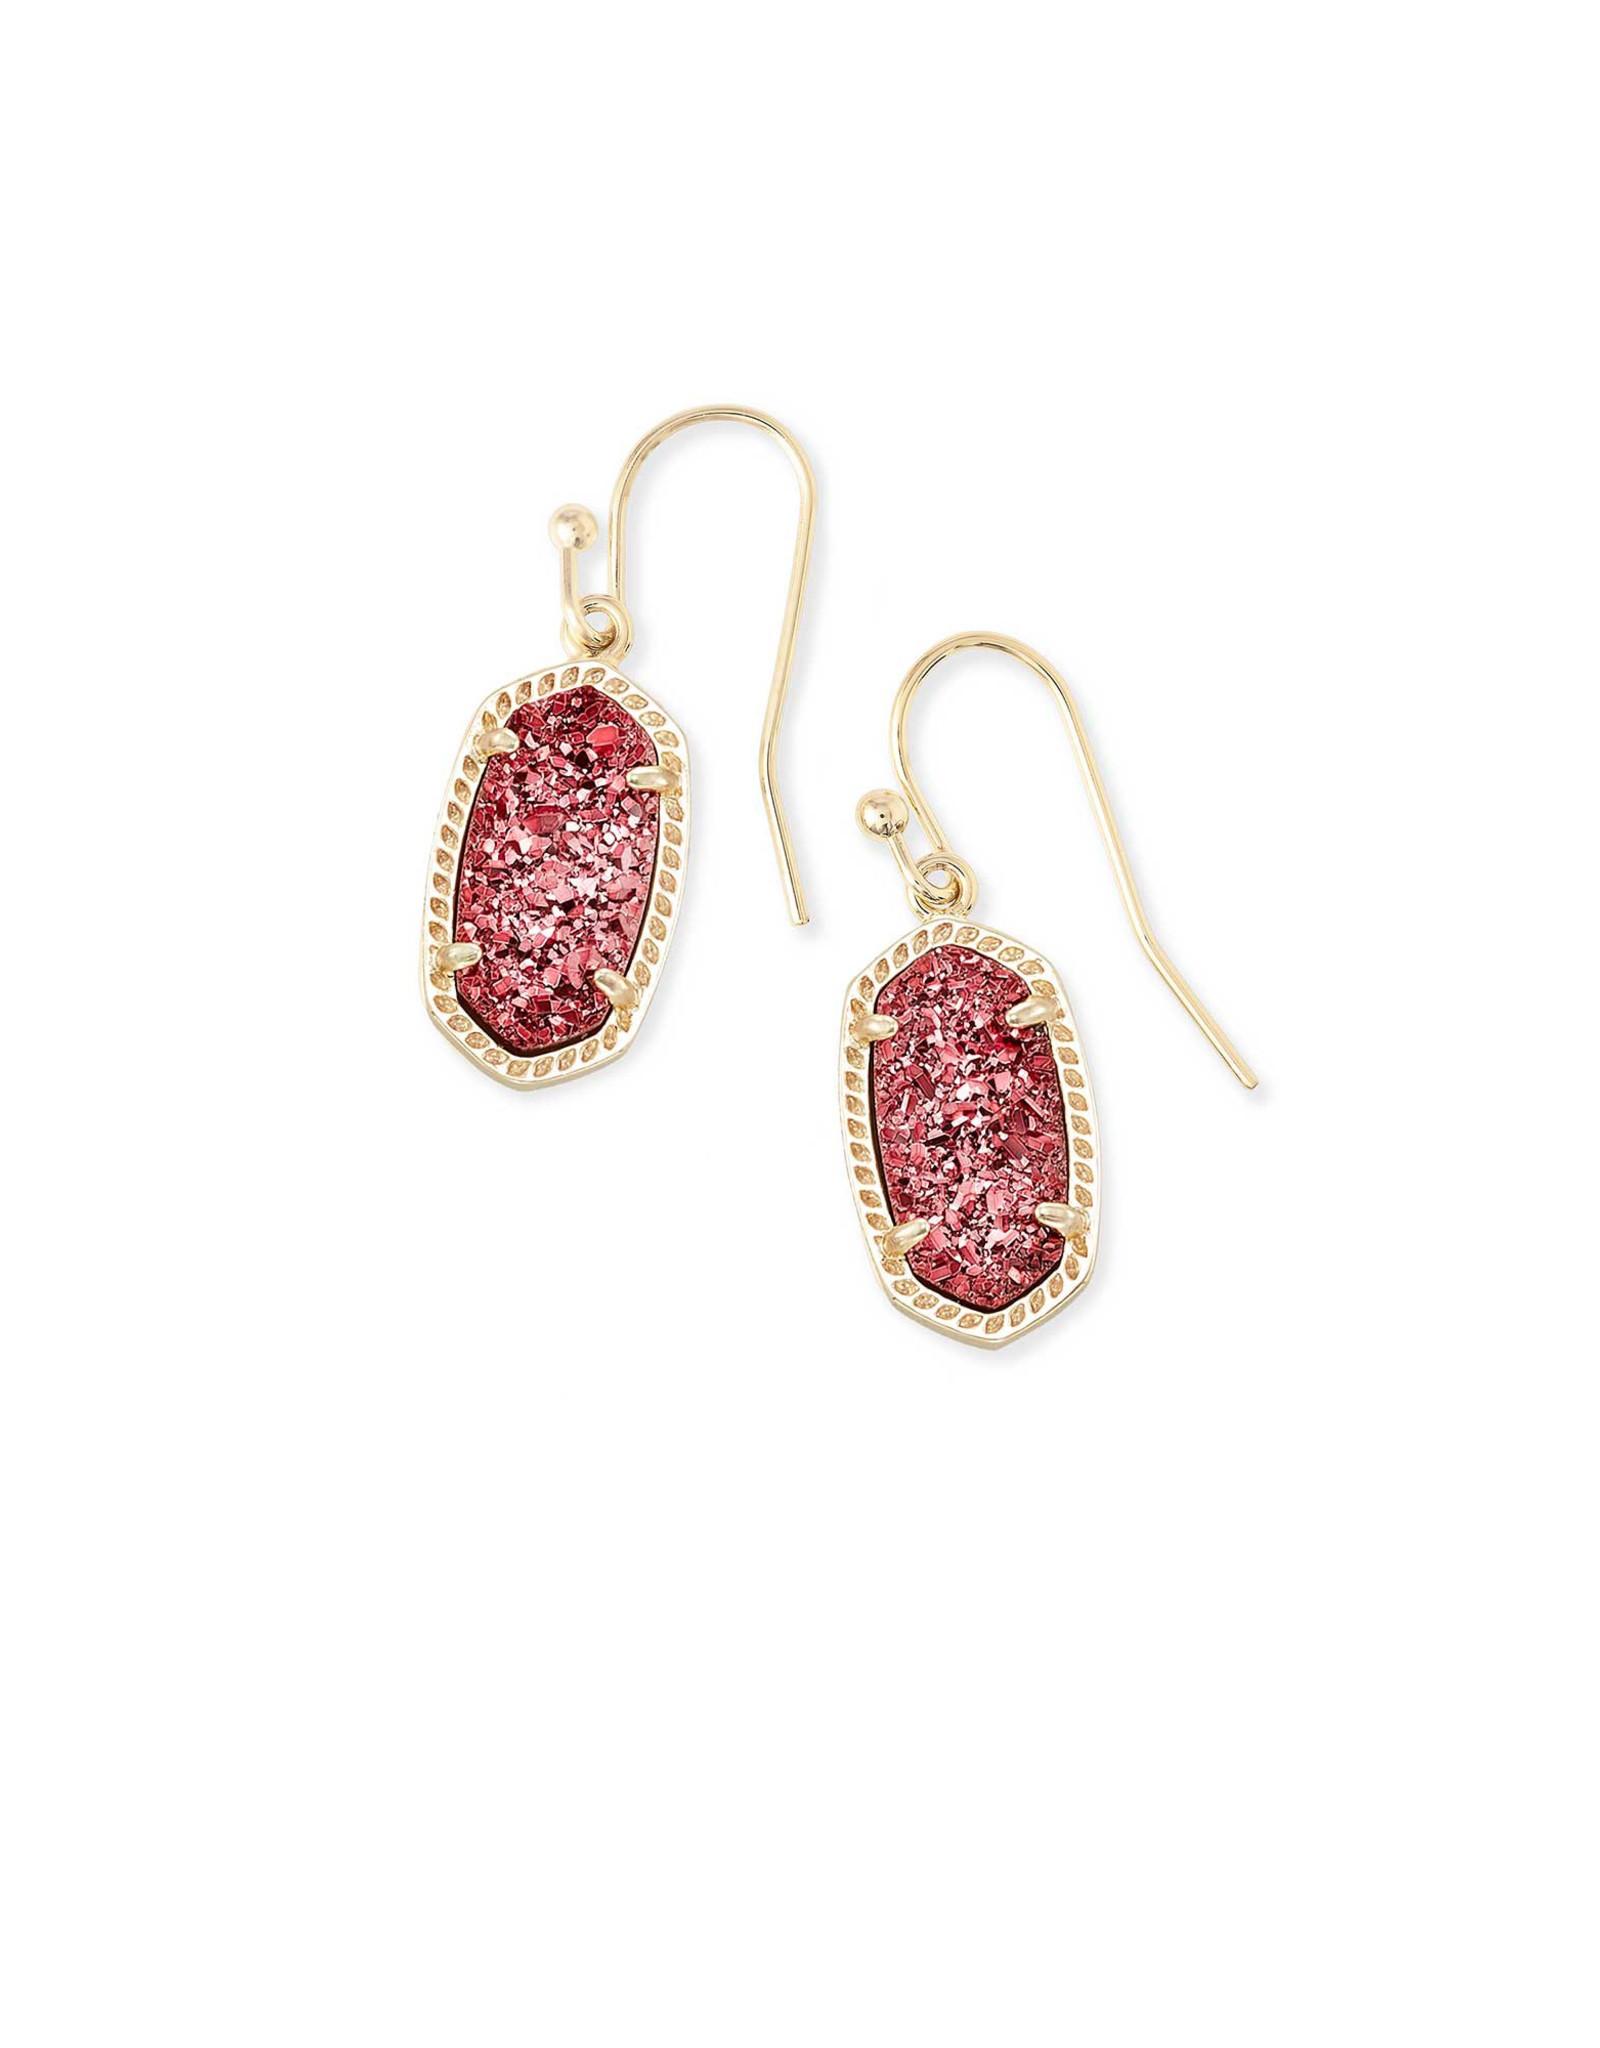 Kendra Scott Lee Earring - Raspberry Drusy/Gold